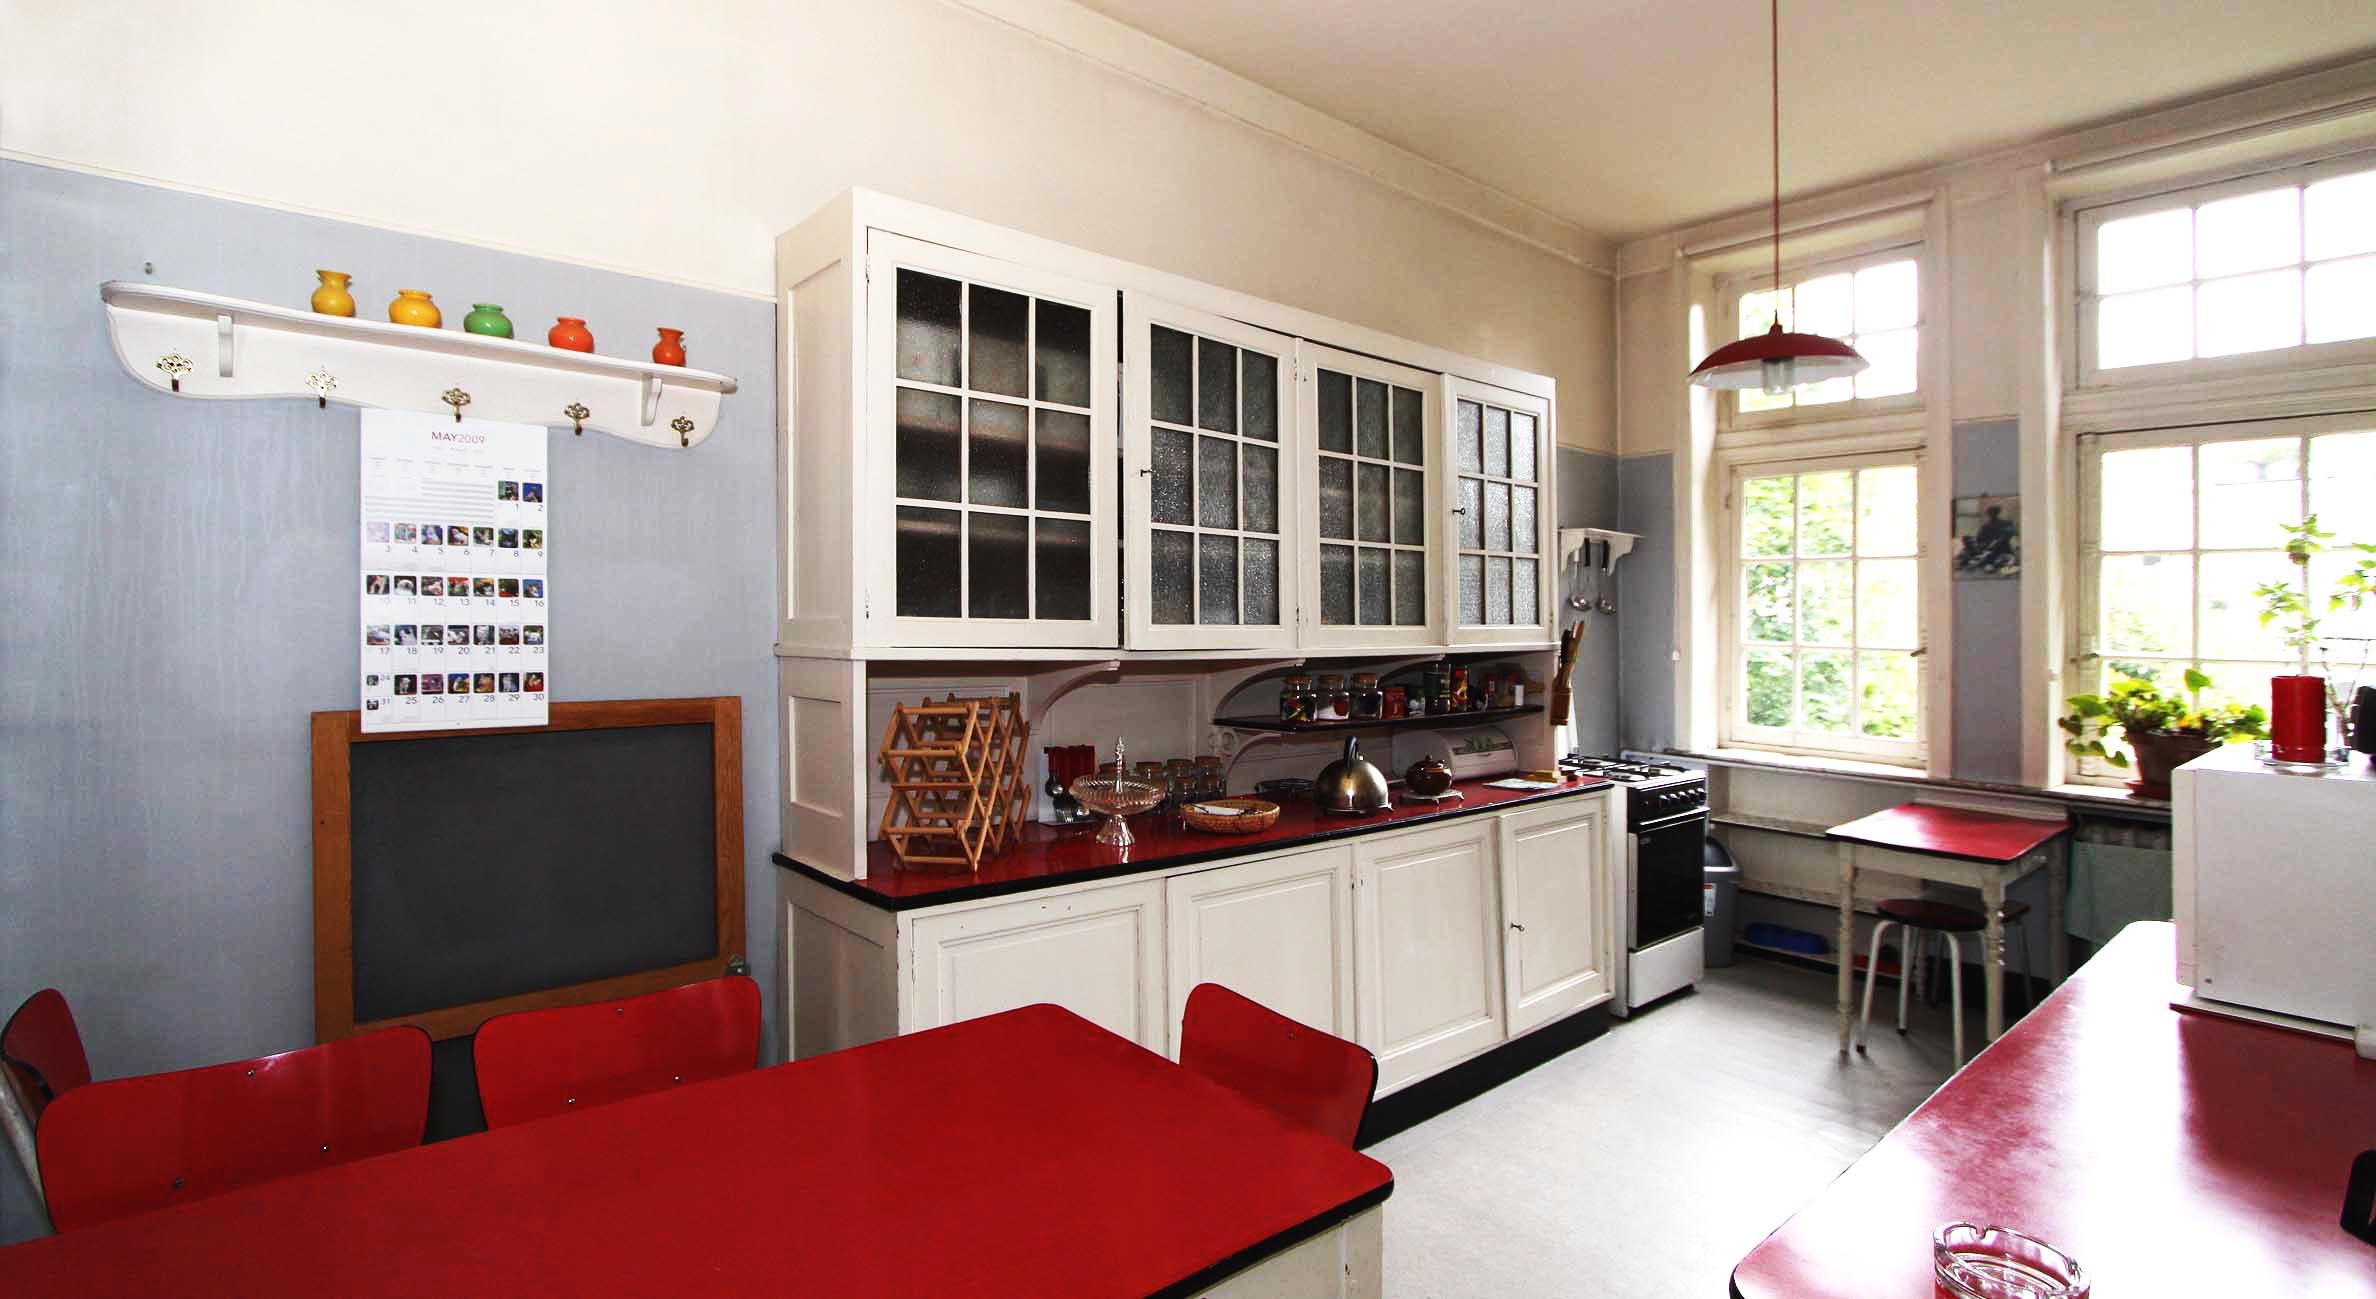 Location appartement Metz : les désavantages possibles